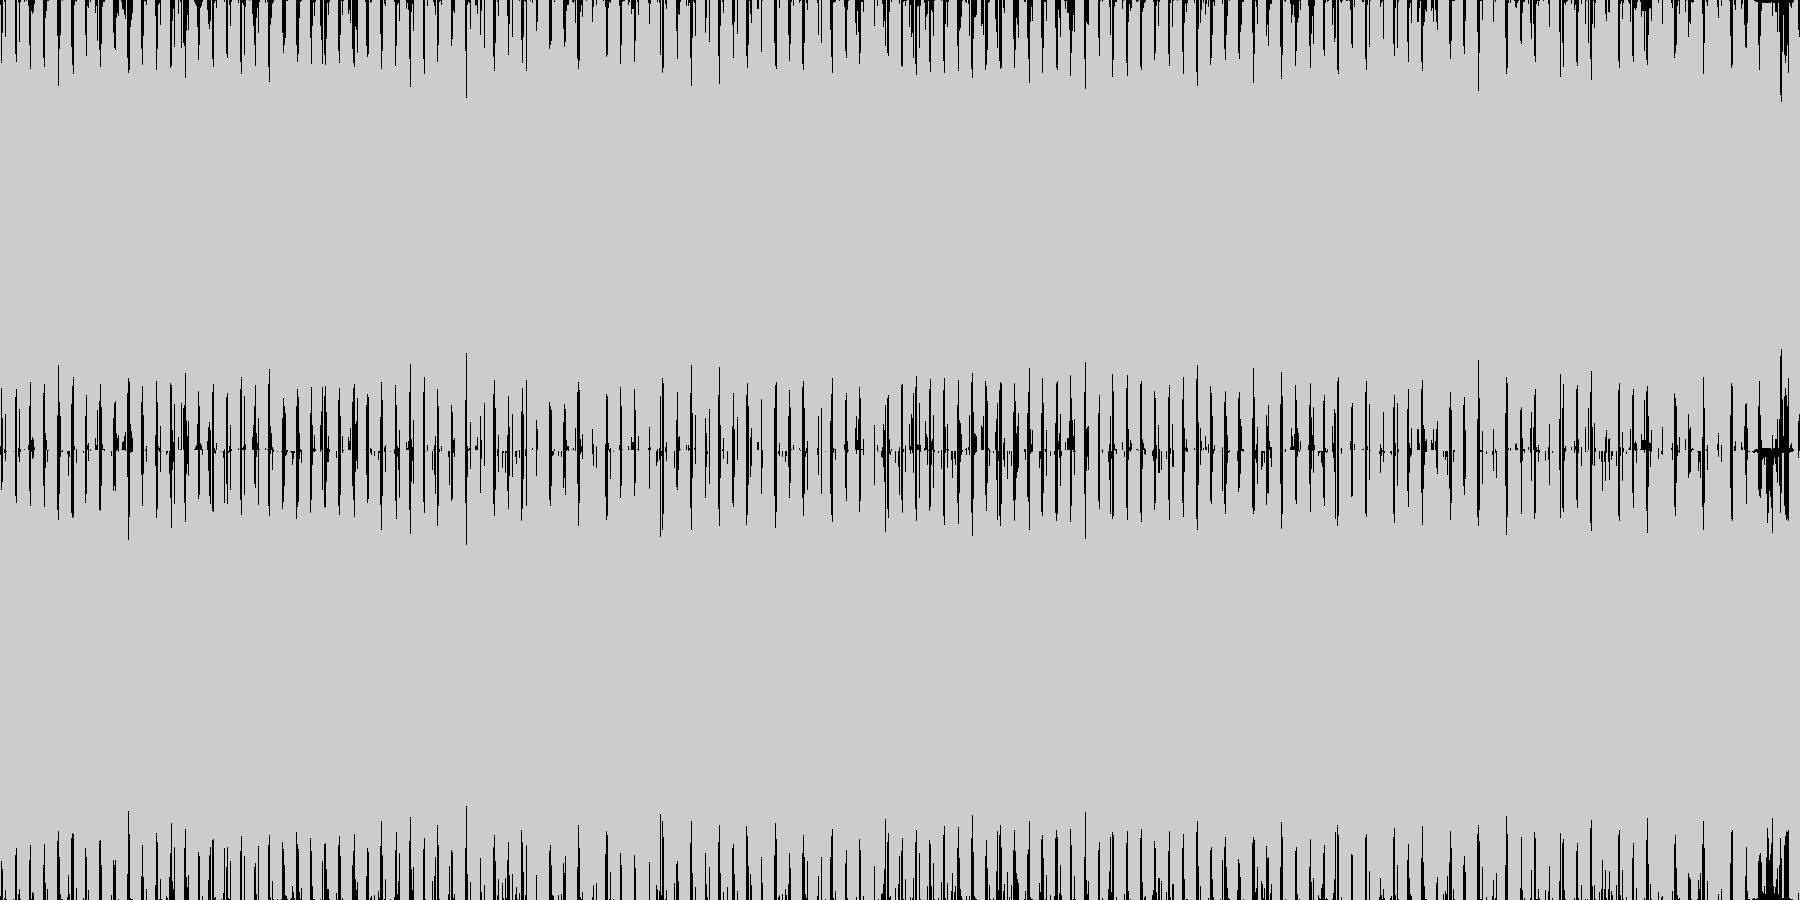 アグレッシブでループするダンス系の未再生の波形